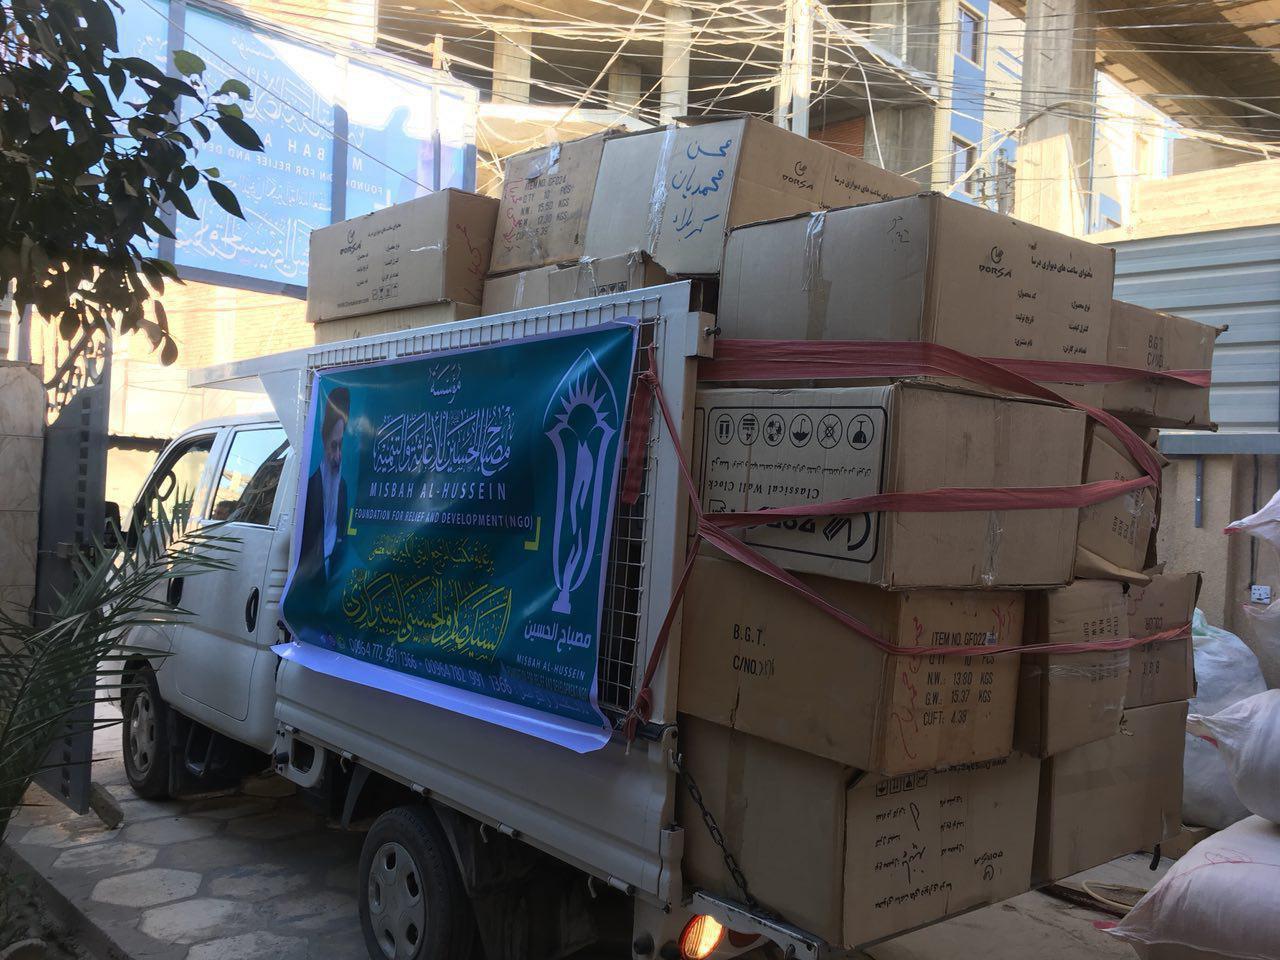 تصویر توزیع کمک های زمستانه موسسه مصباح الحسین علیه السلام در استانهای مختلف عراق